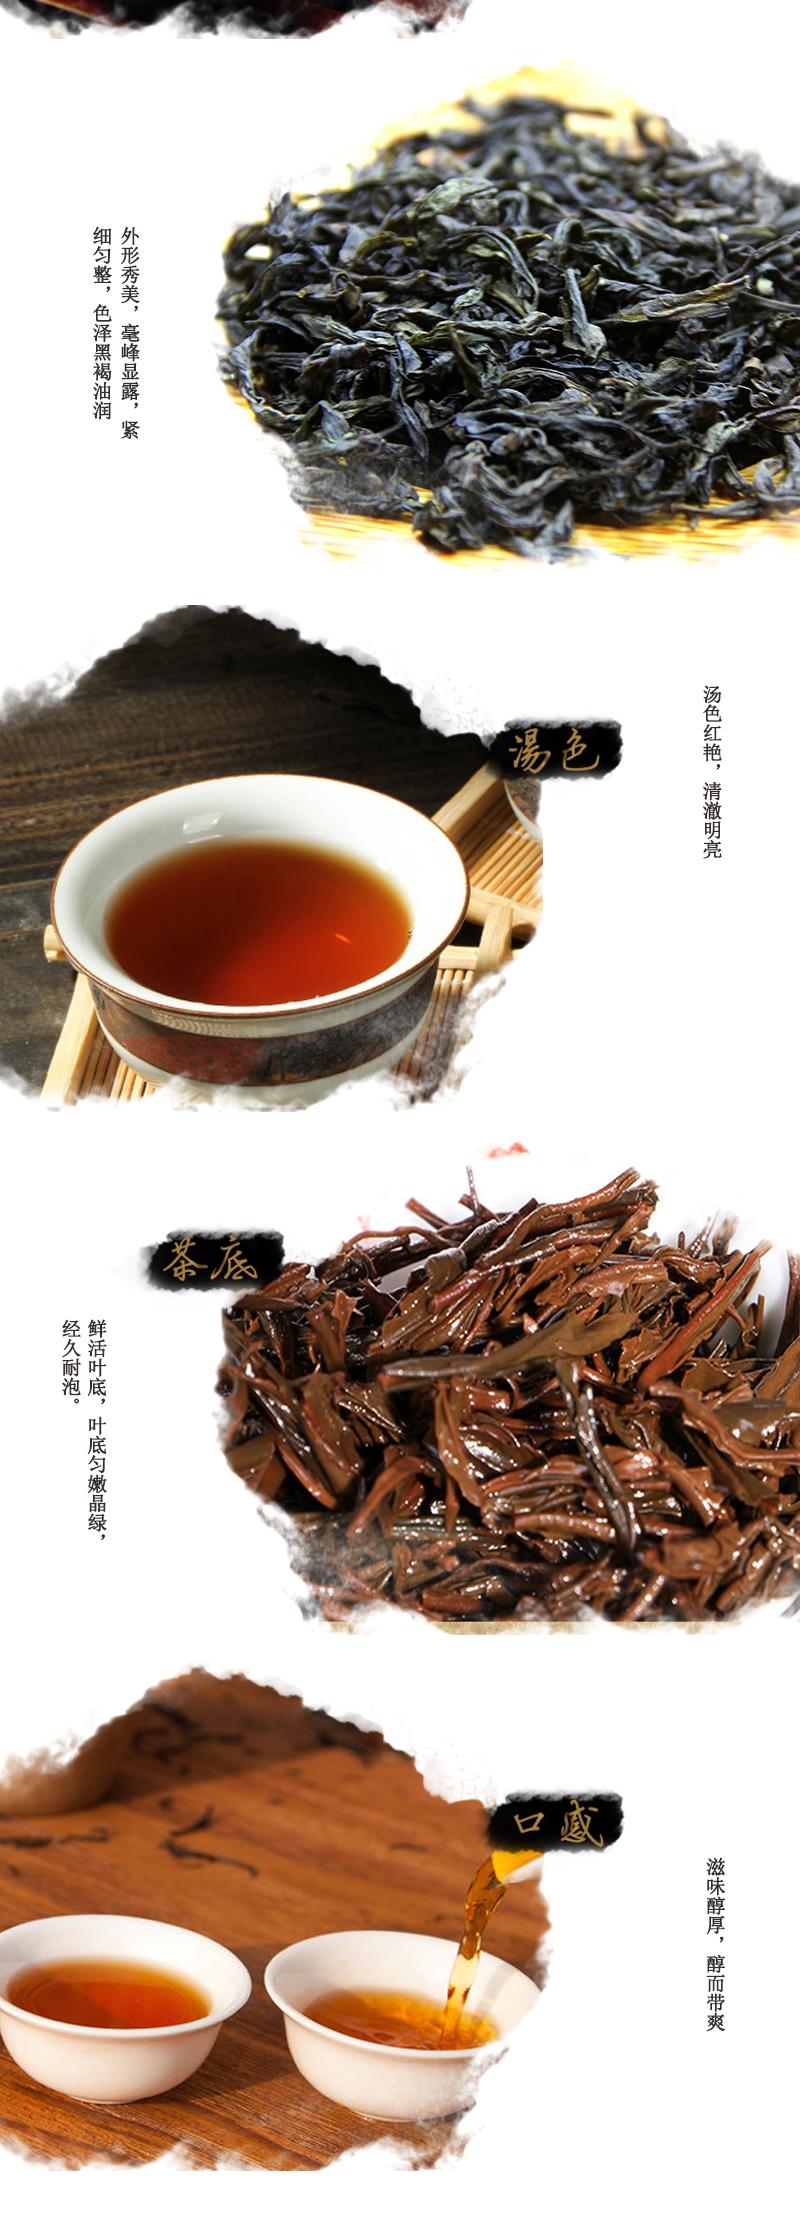 武夷山桐木关茶叶正山小种红茶礼盒包装金骏眉特价图片三